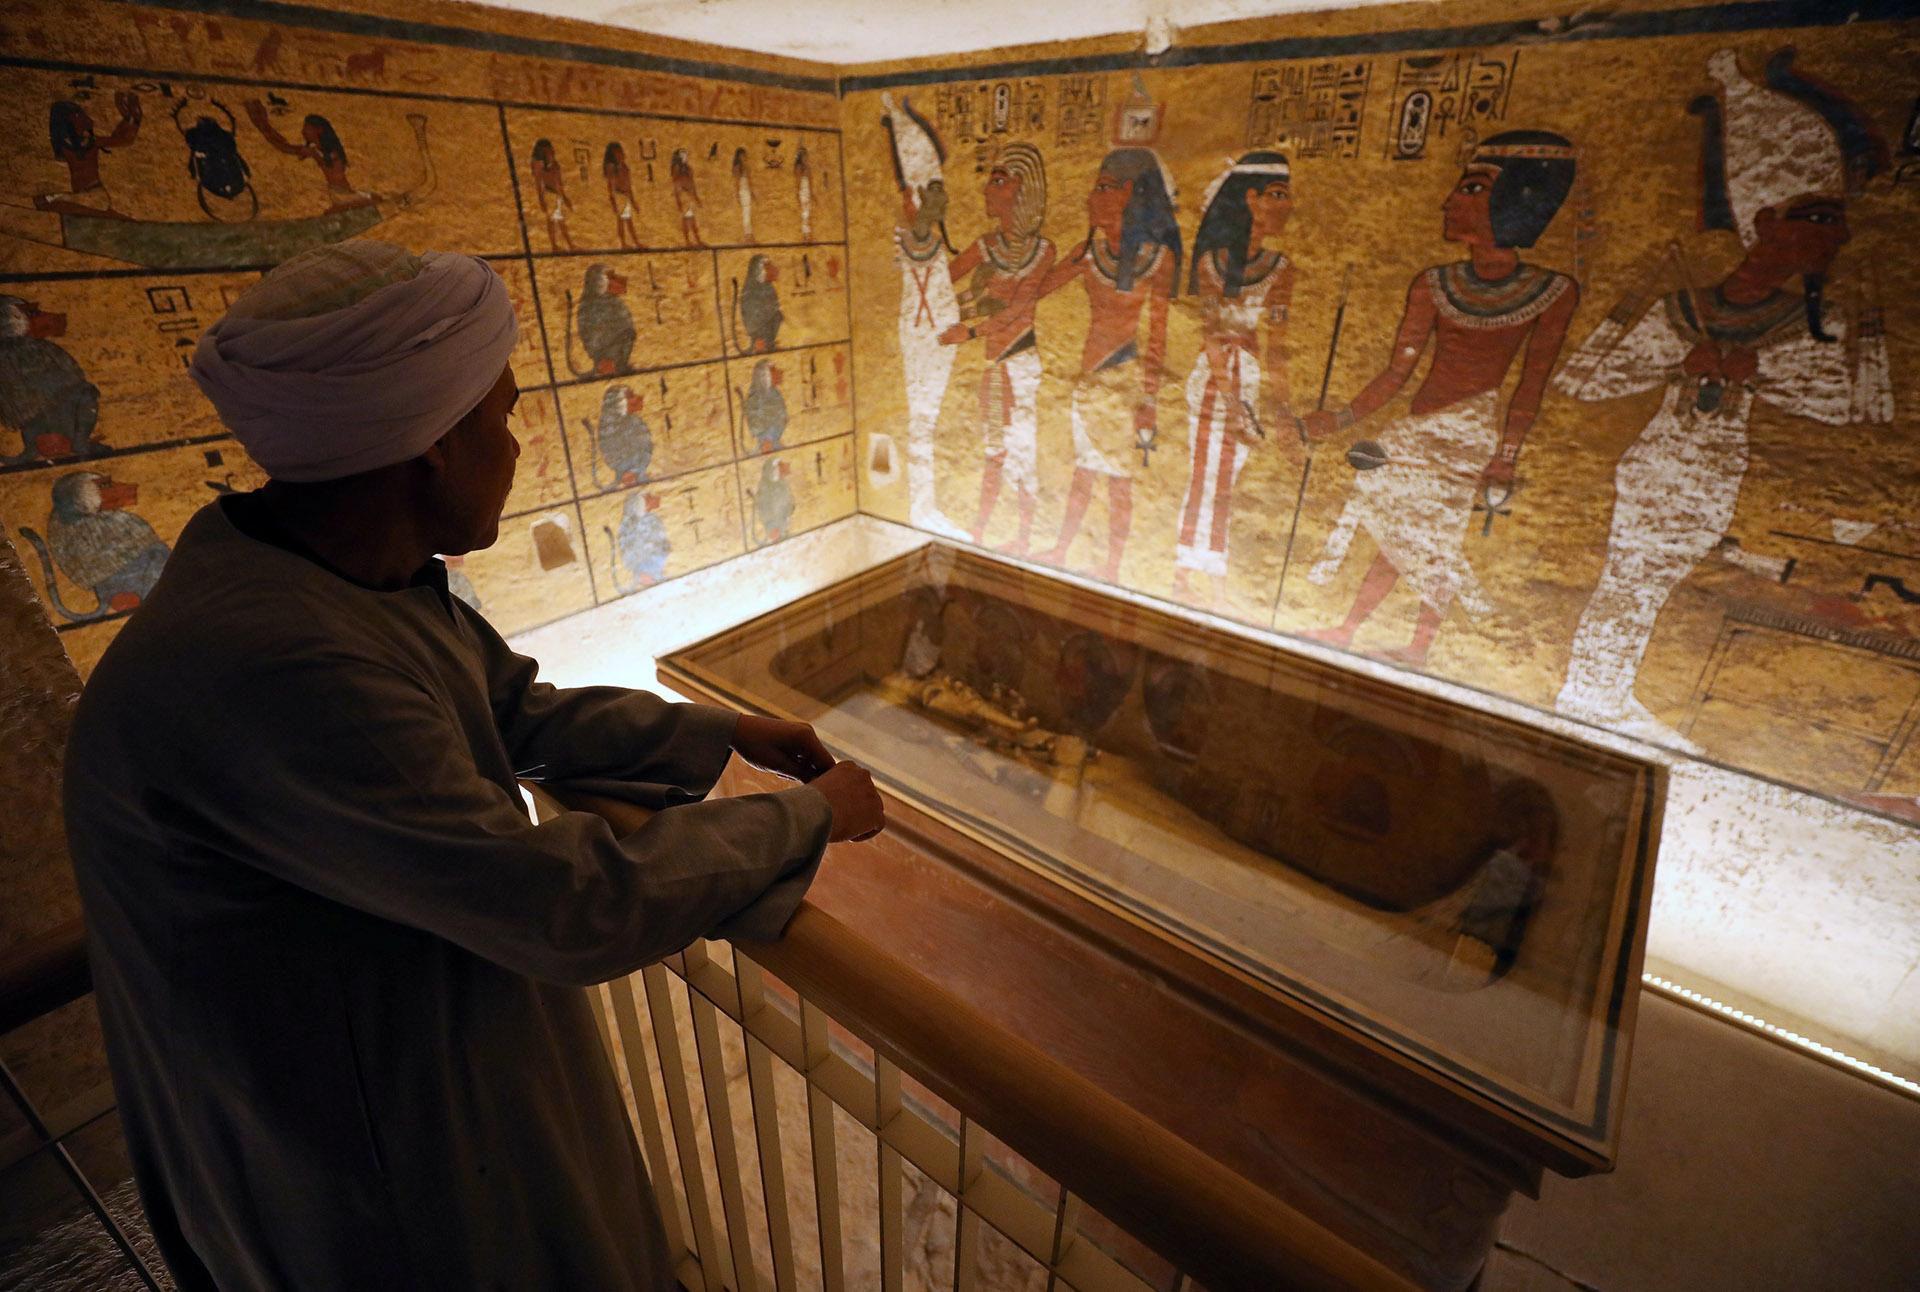 Aunque las piezas más bellas del tesoro de Tutankamón pueden apreciarse en el museo egipcio de El Cairo, la tumba alberga aún la momia del faraón, que fue introducida en un cajón de vidrio sin oxígeno con su sarcófago exterior en madera dorada